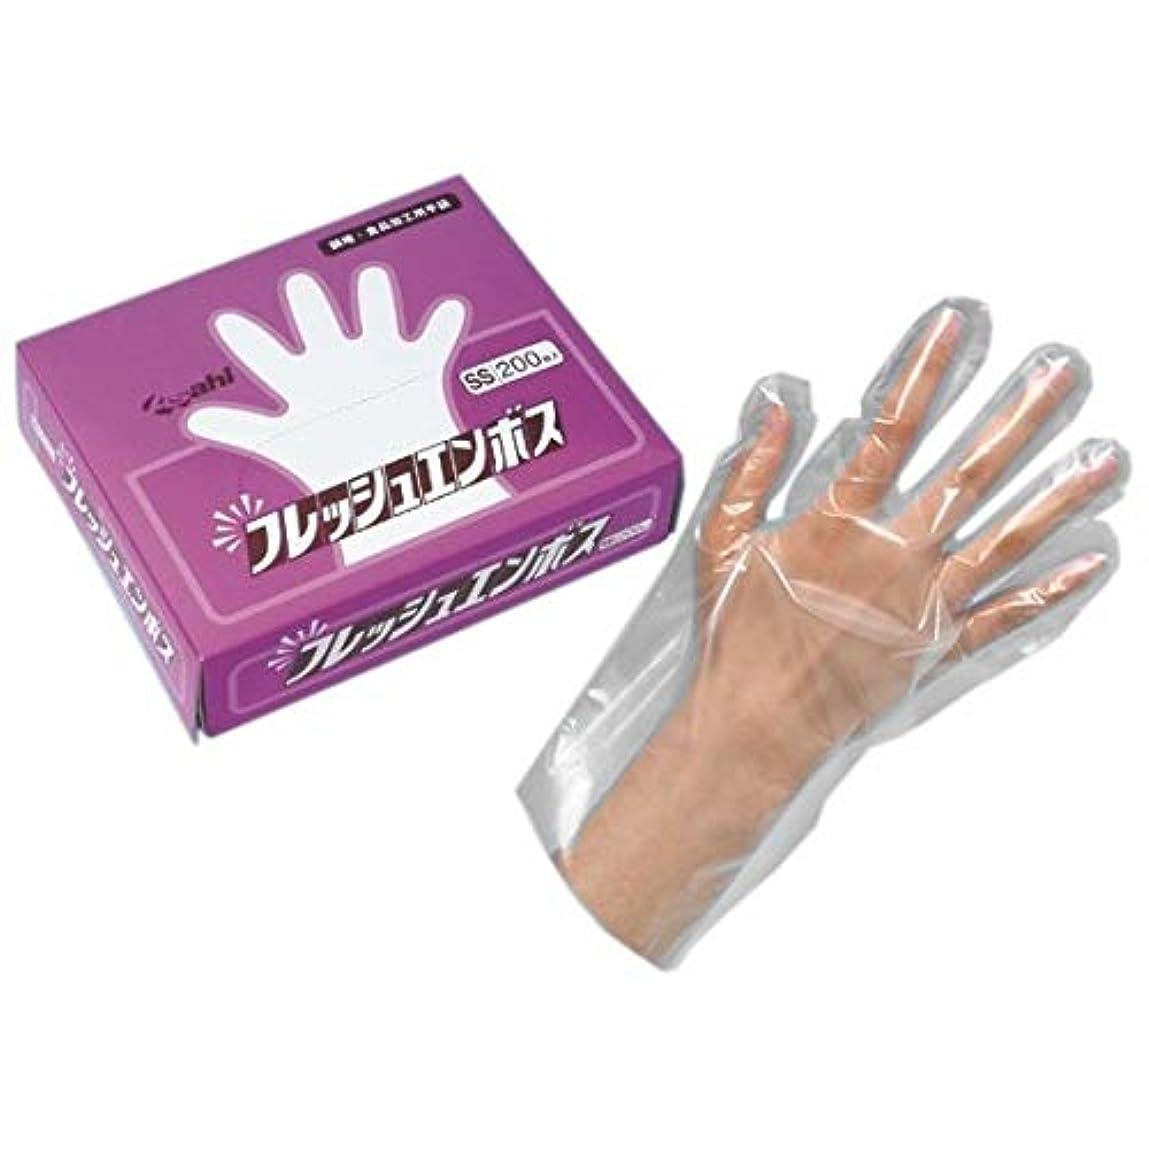 指紋安心させる失うフレッシュエンボス 手袋 SSサイズ 200枚入